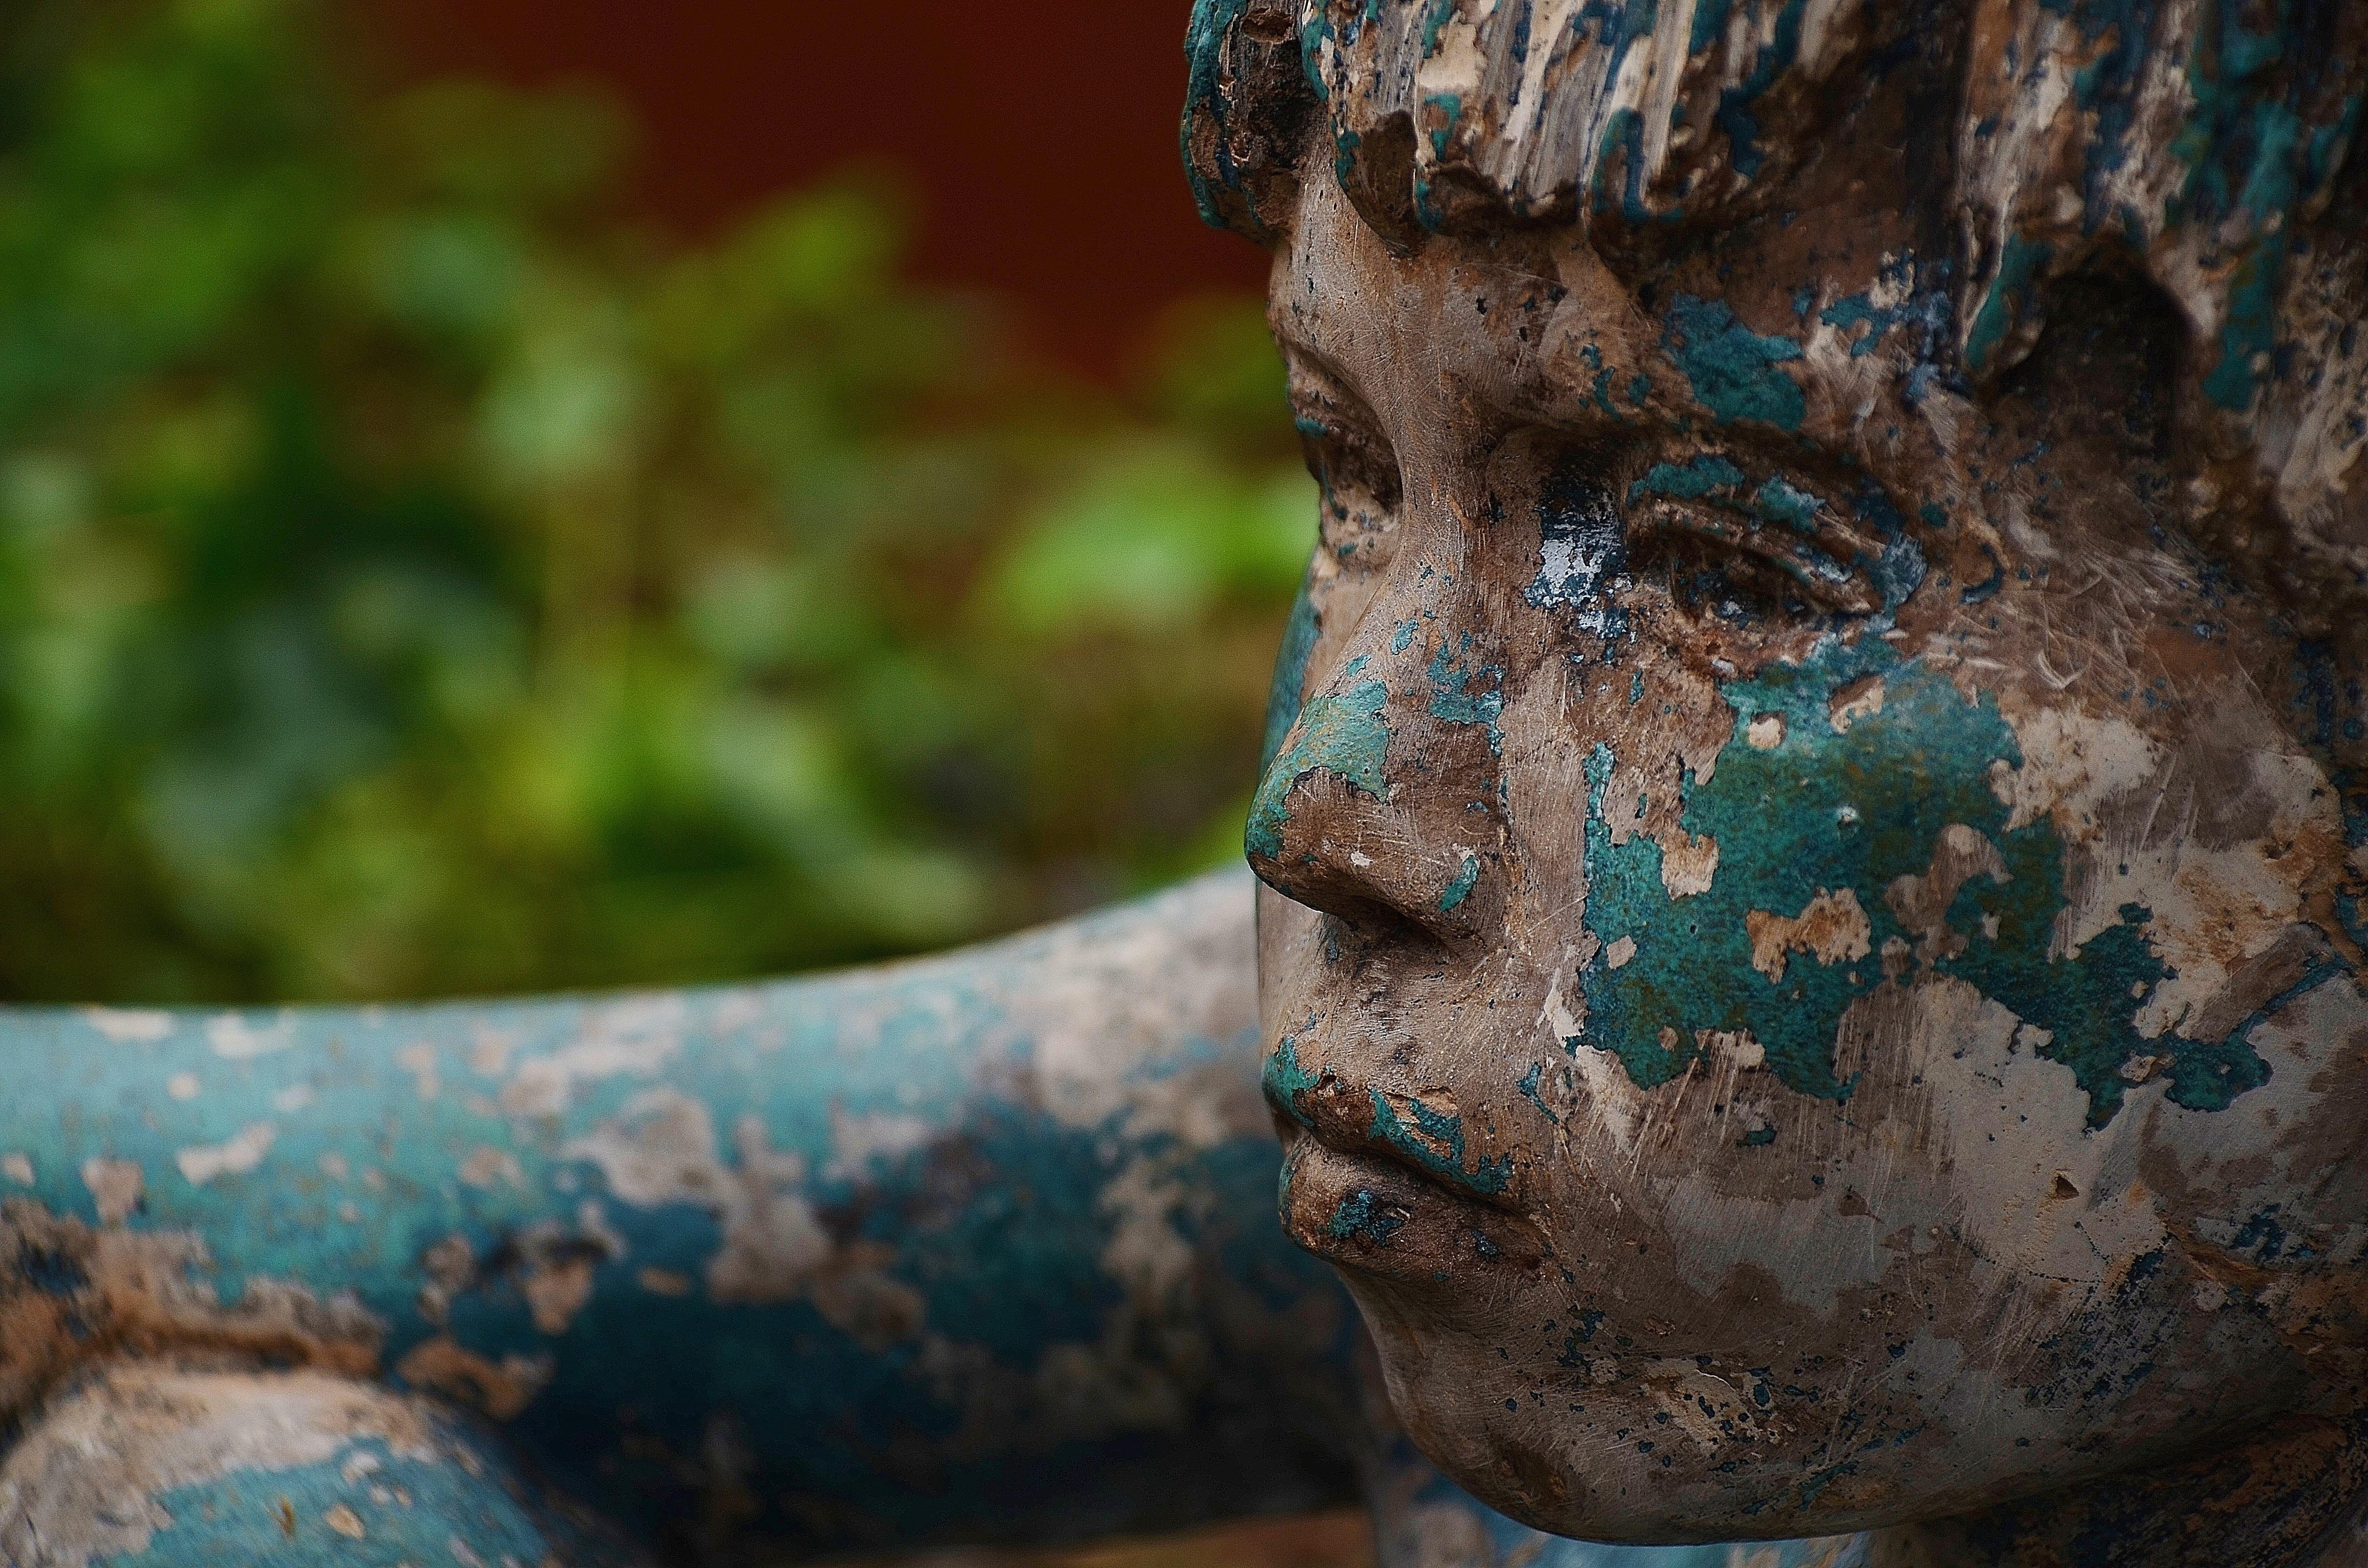 boy-bronze-child-53183.jpg